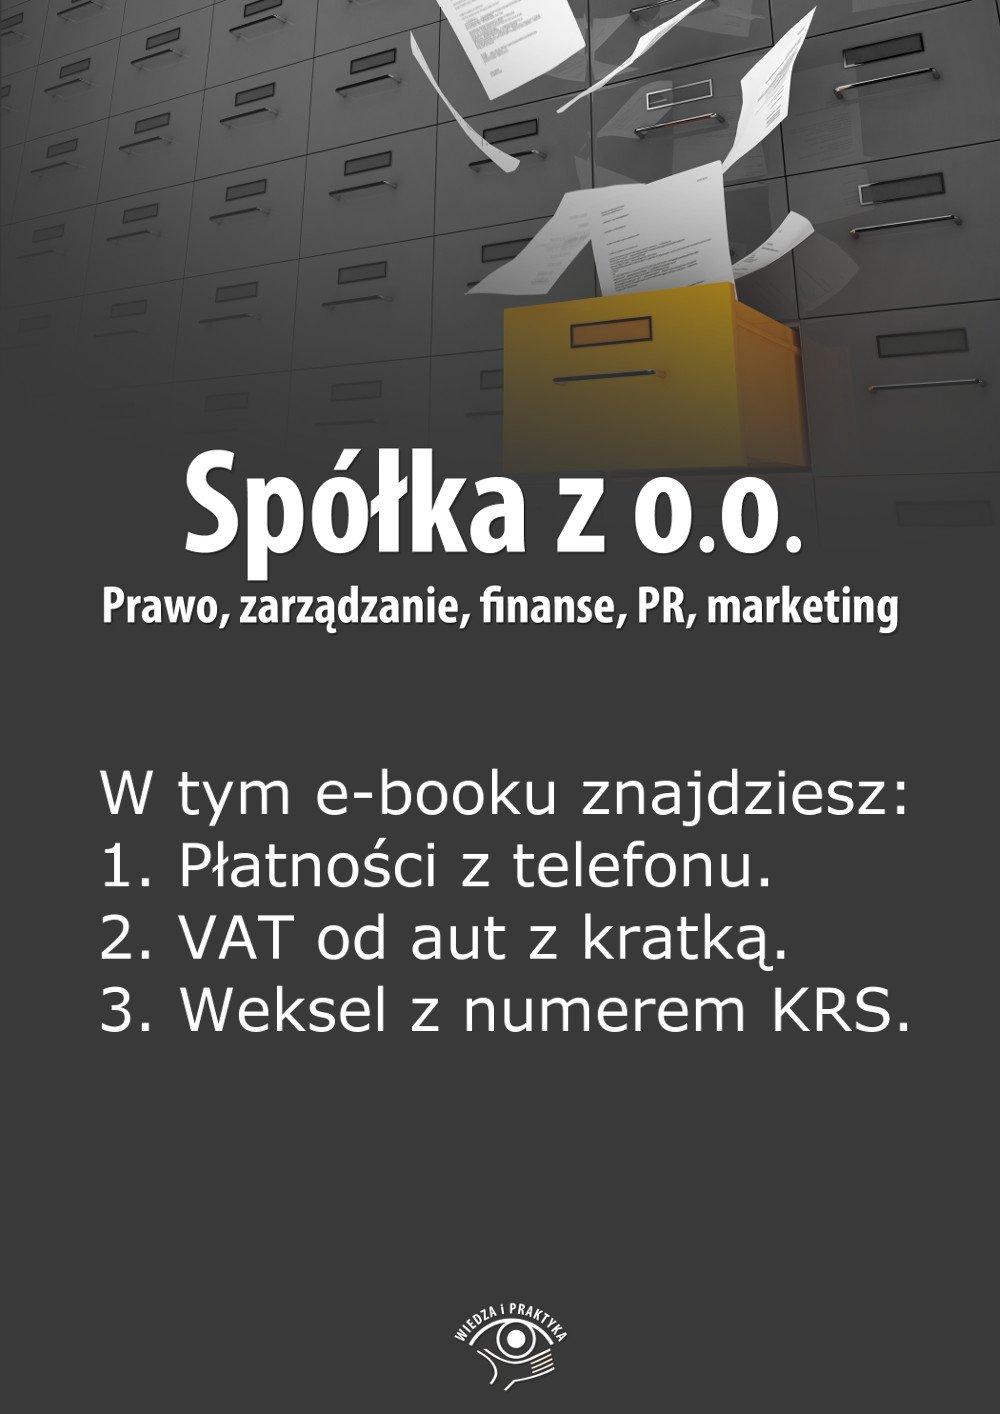 Spółka z o.o. Prawo, zarządzanie, finanse, PR, marketing. Wydanie luty 2014 r. - Ebook (Książka PDF) do pobrania w formacie PDF